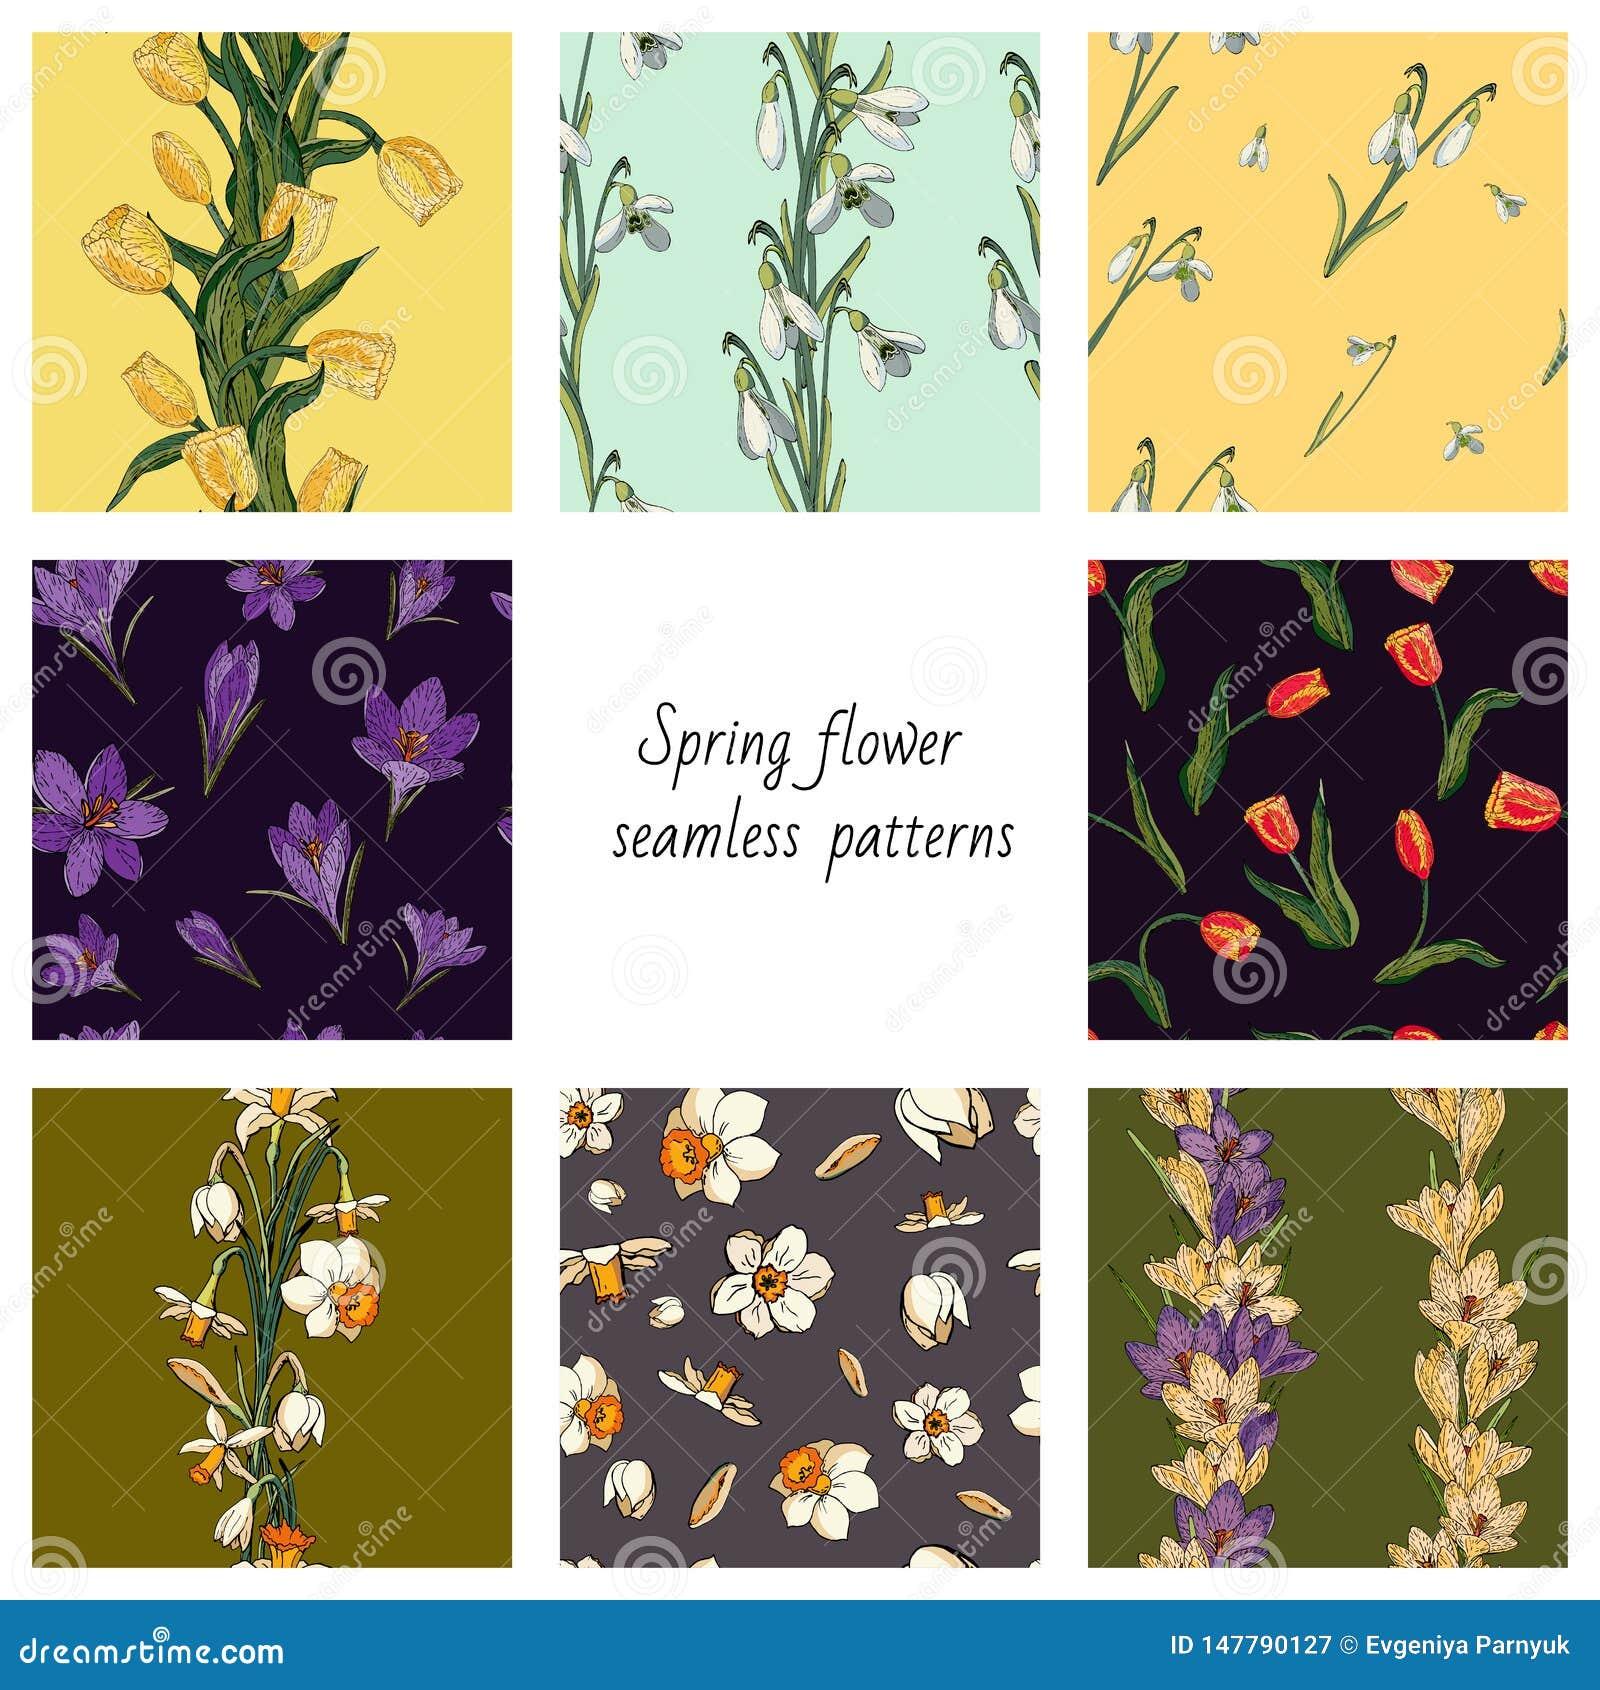 Sammlung von 8 nahtlosen Mustern des Vektors Farbmit Frühlingsblumen Beschaffenheiten mit Tulpen, Krokussen, Schneeglöckchen und